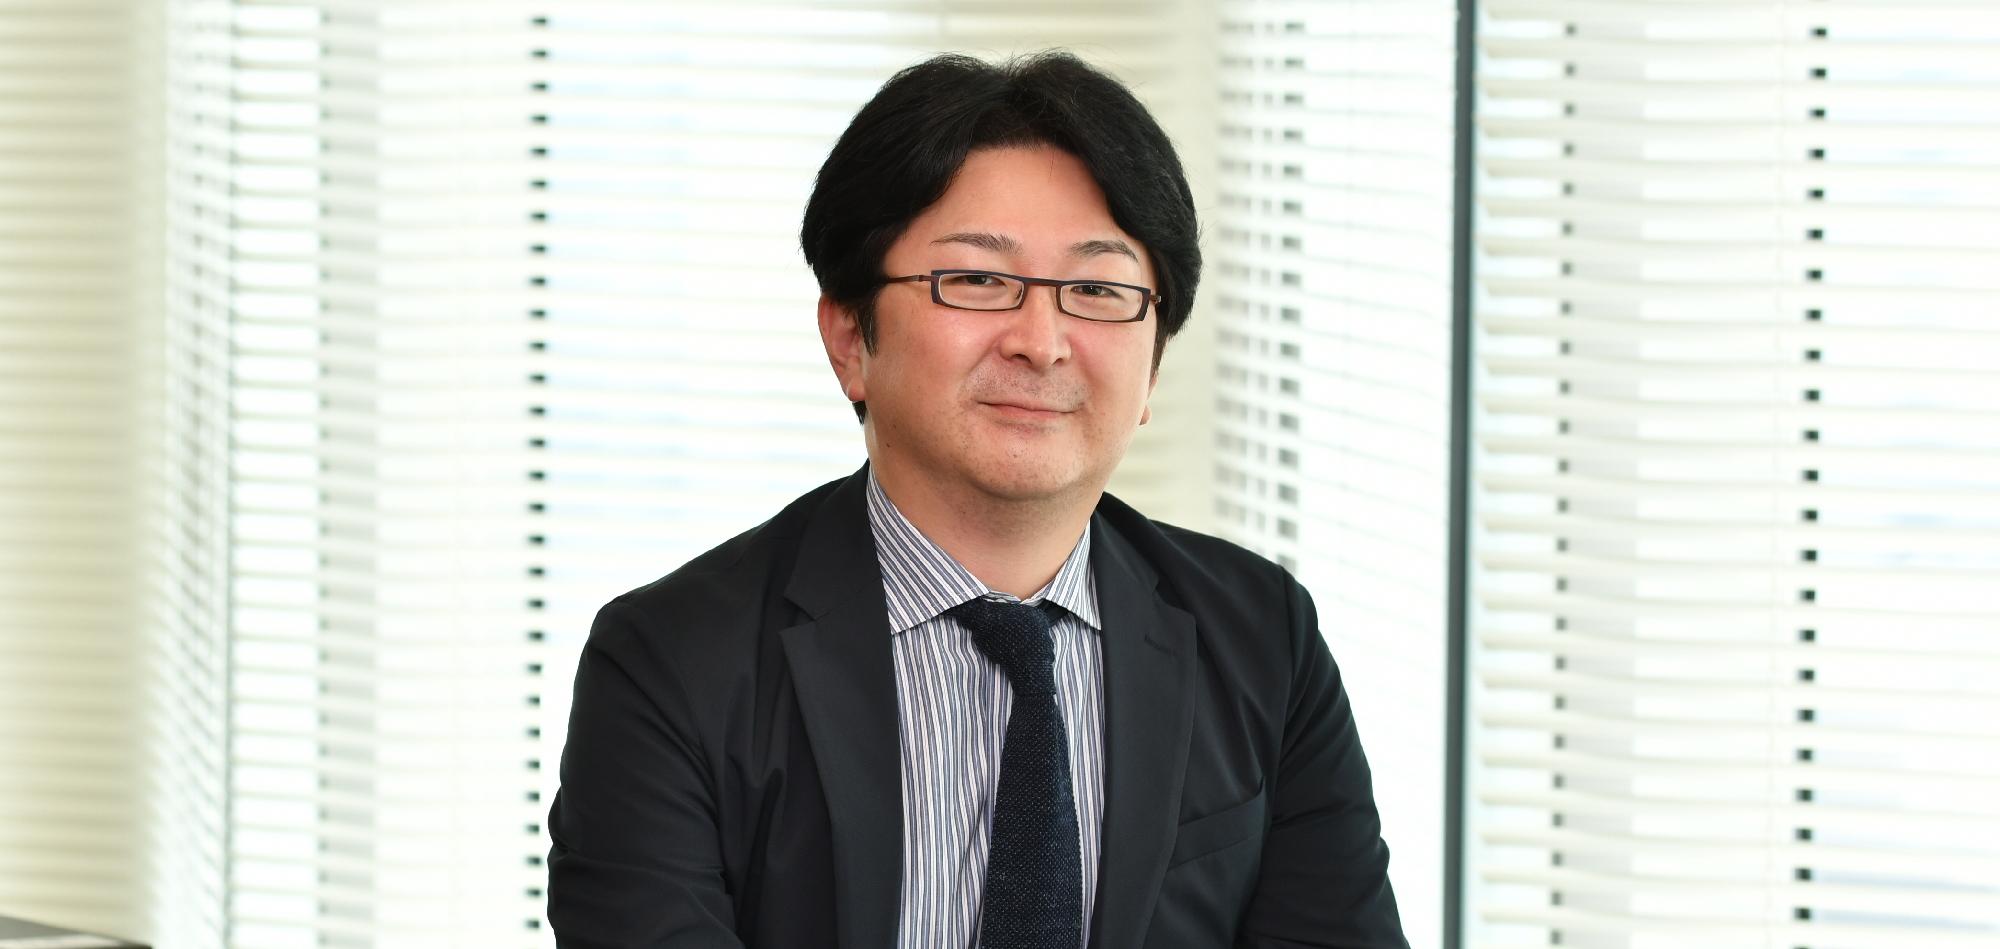 ピープル・デベロップメント統括本部カンパニーPD本部 PD企画部長 池田潤の画像